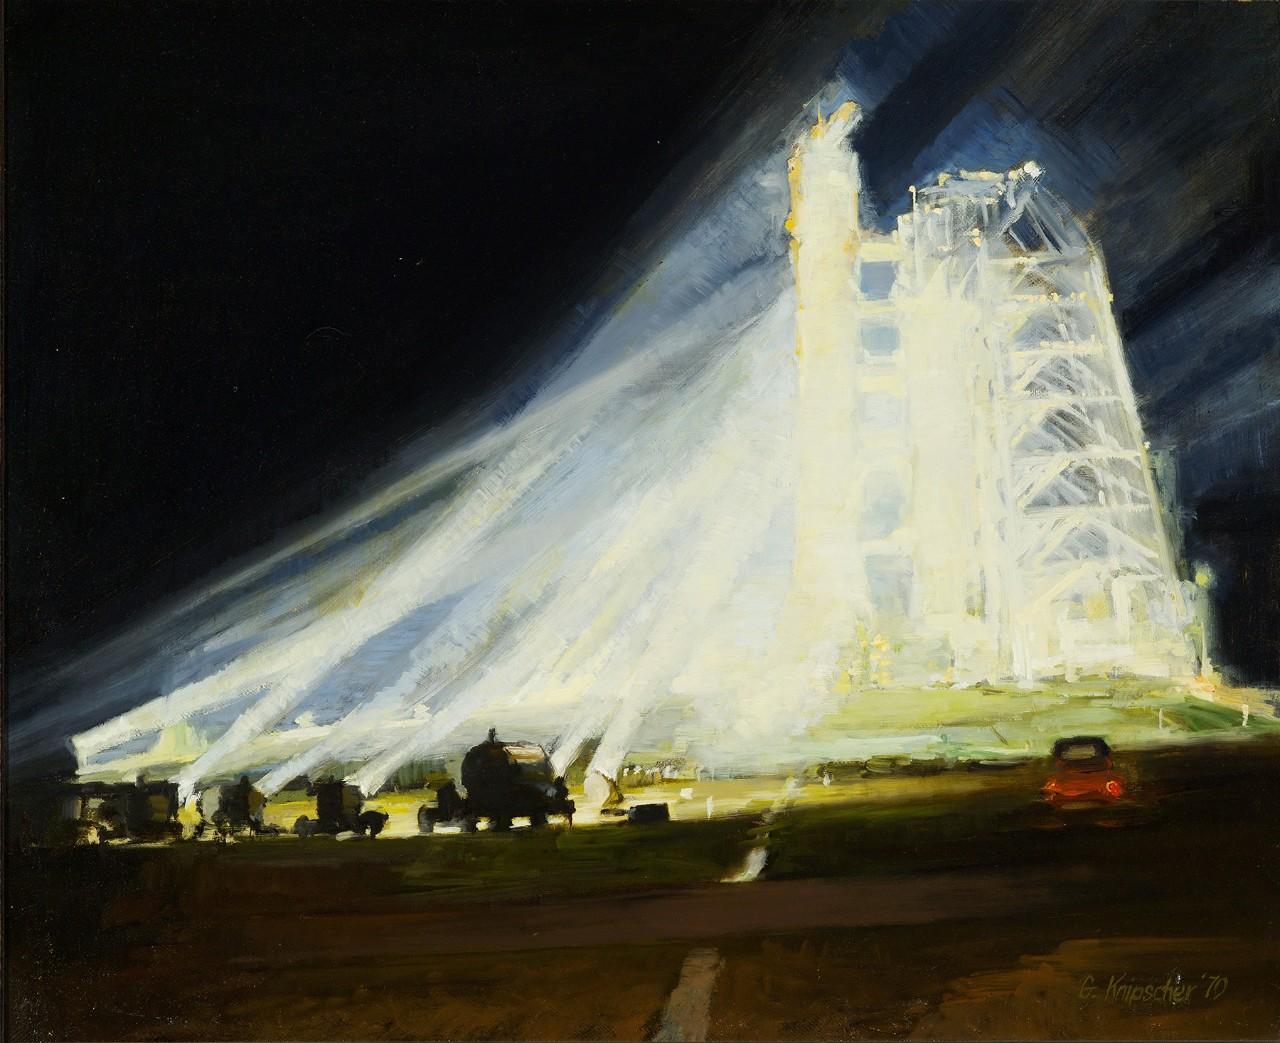 Apollo 12 Launch Launch Day For Apollo 12